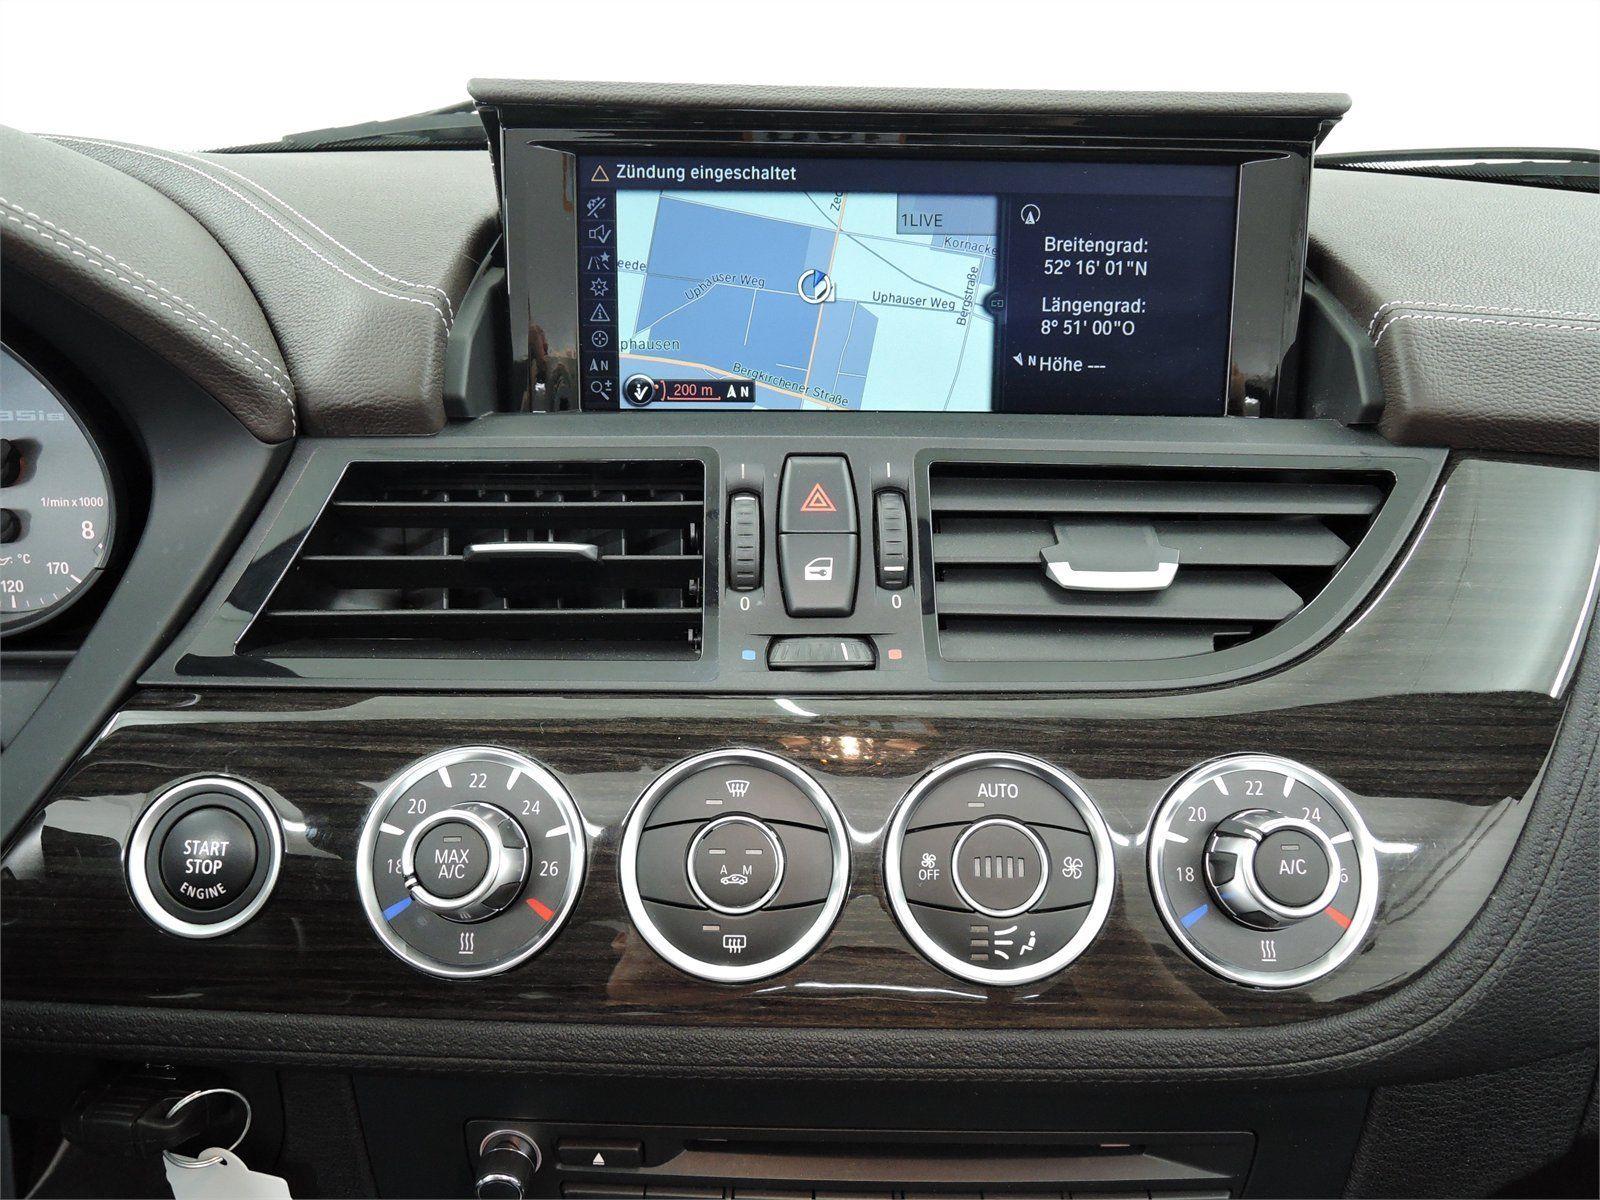 Leasing af BMW Z4 sDrive35i Roadster DKG   Munkvad Leasing